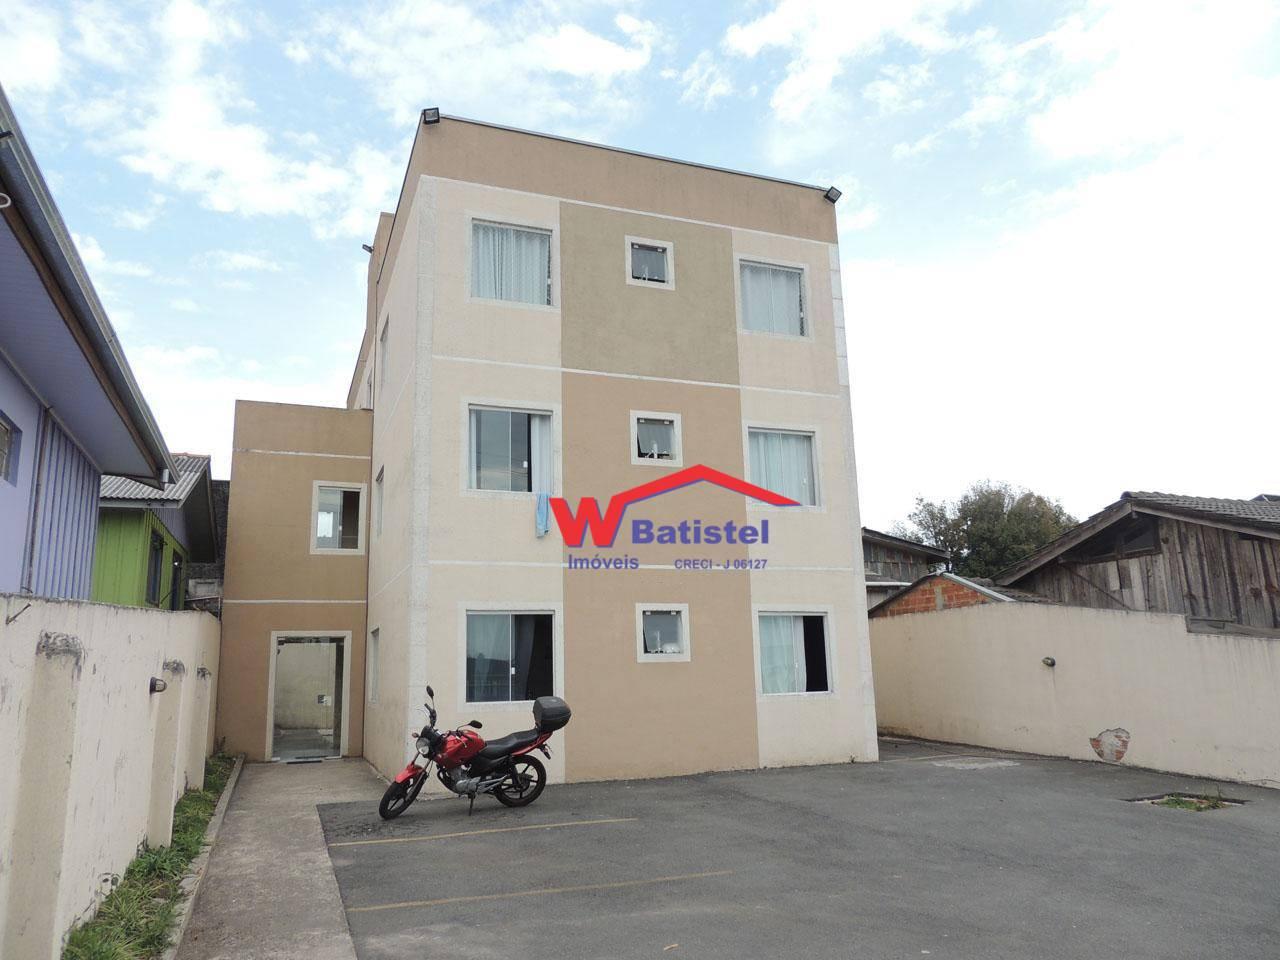 Apartamento com 2 dormitórios à venda, 45 m² por R$ 125.000 -  Avenida Allan Kardec nº 473 - Jardim Campo Alto - Colombo/PR